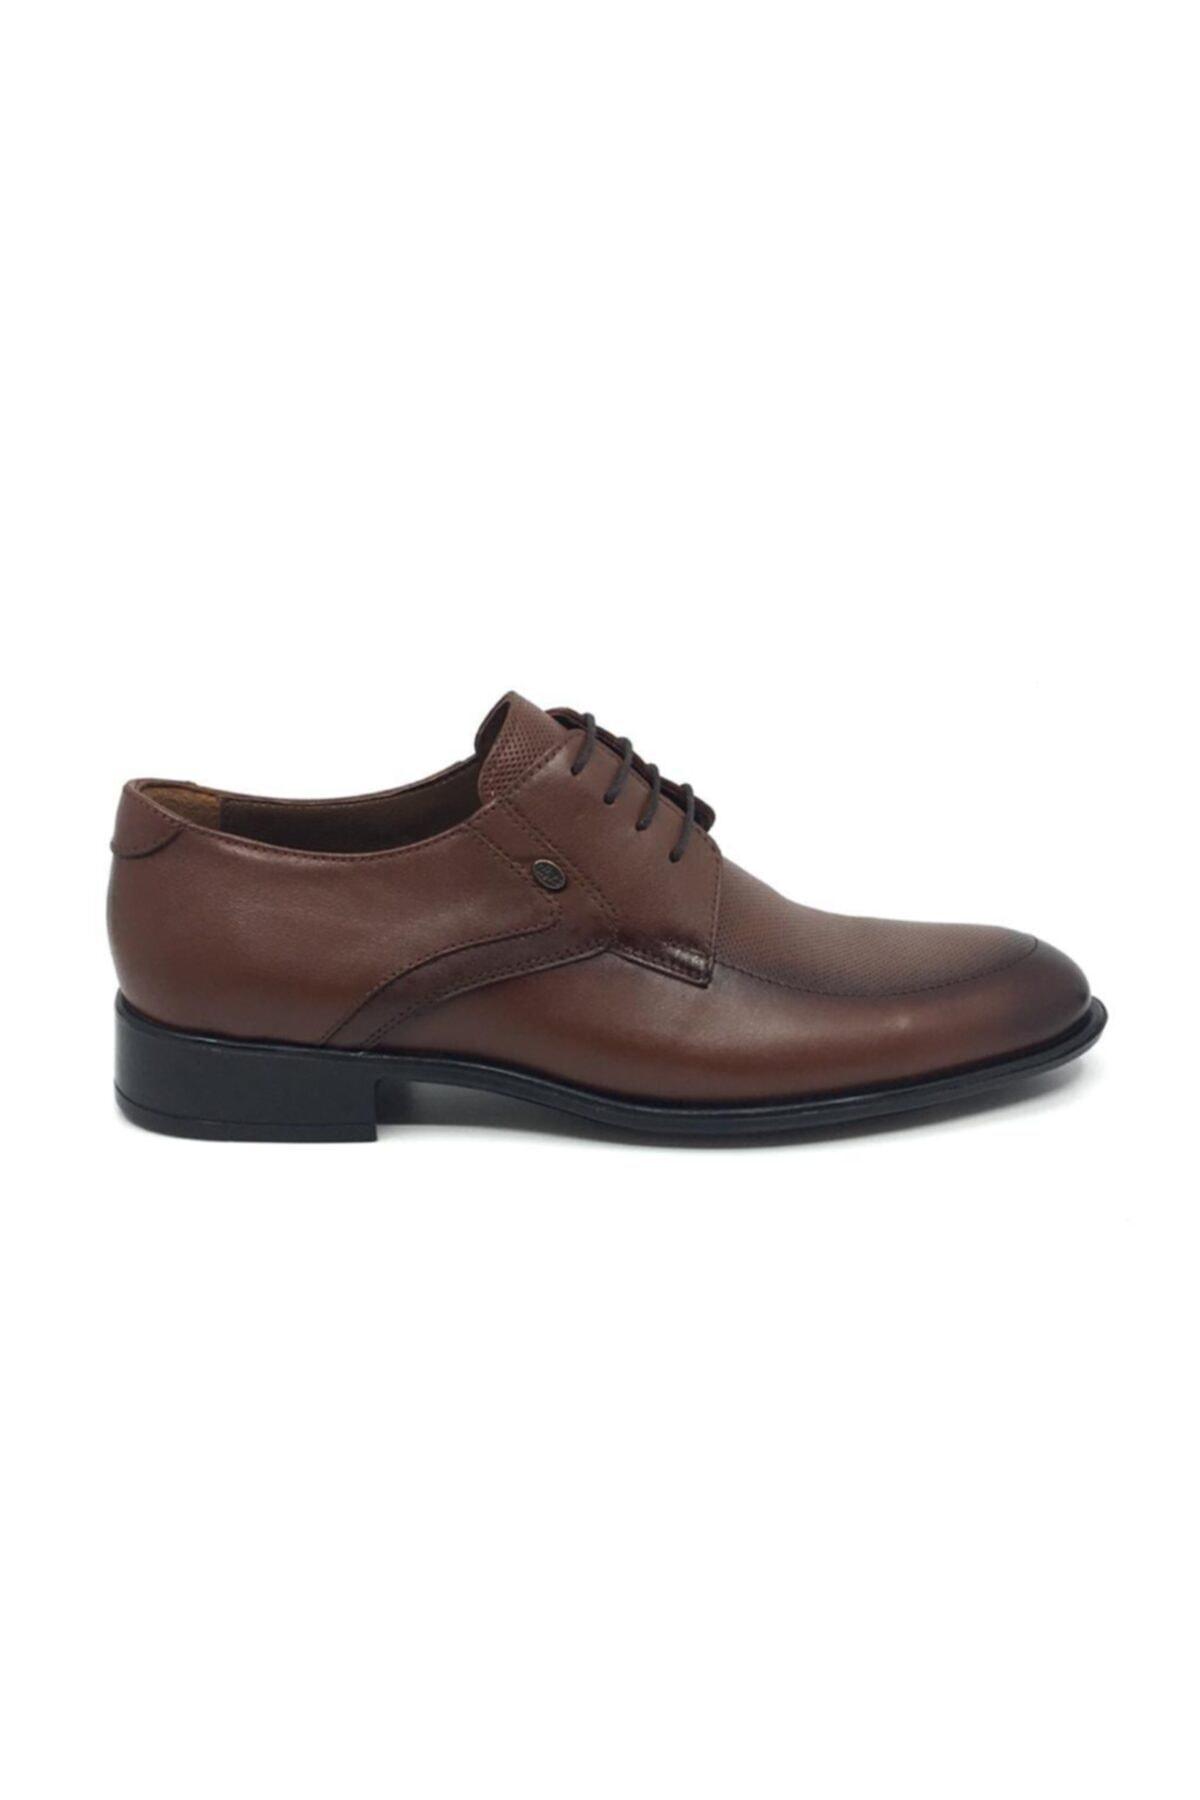 Taşpınar Erkek Kahverengi Bağcıklı Klasik Yazlık Ayakkabı 2